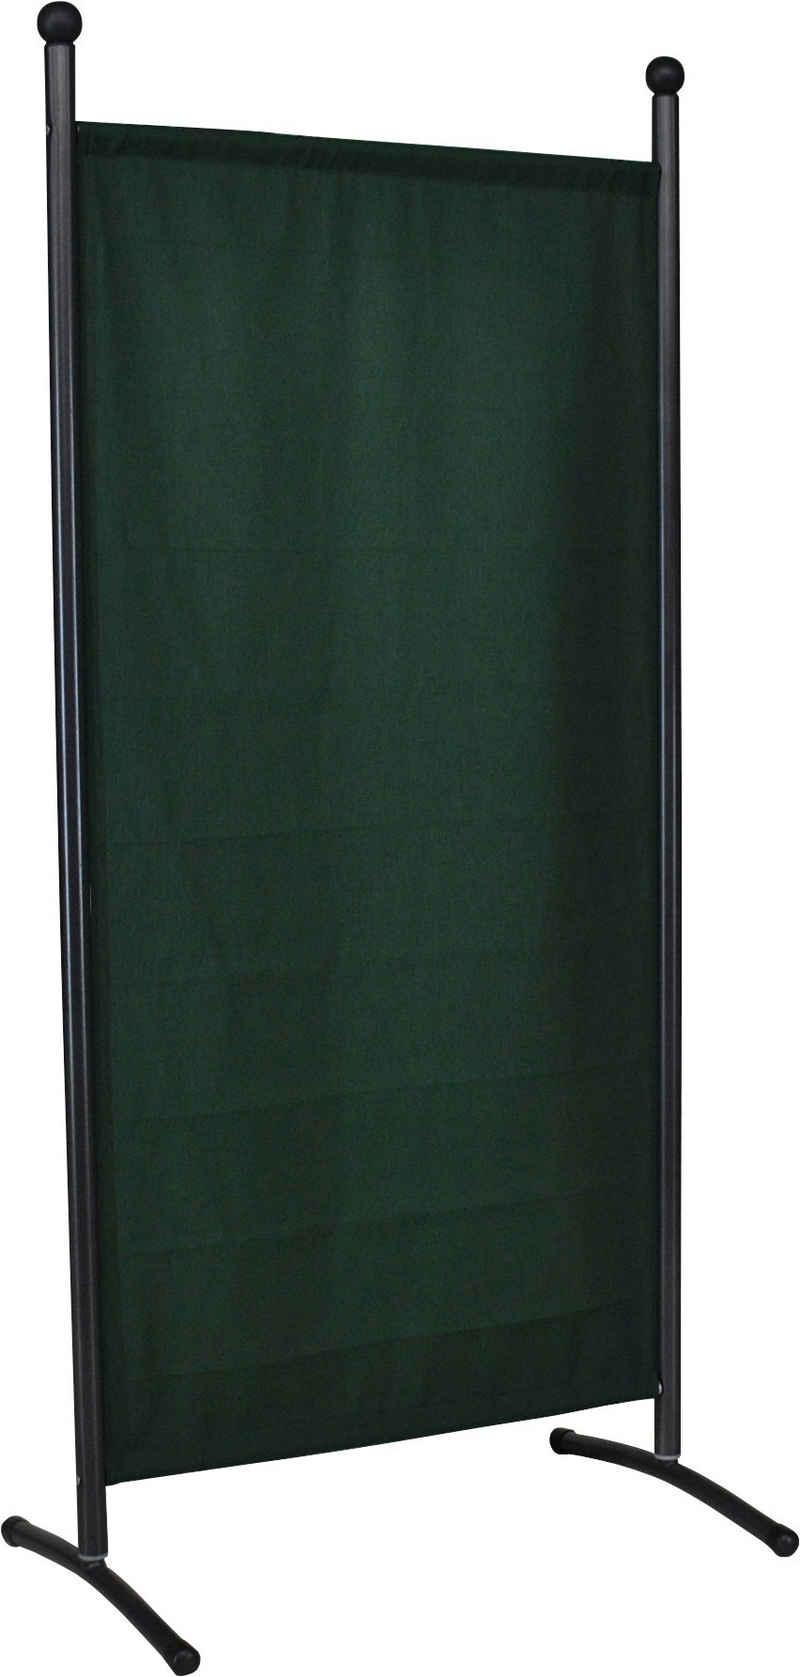 Angerer Freizeitmöbel Stellwand »Klein grün« (1 Stück), (B/H): ca. 82x178 cm